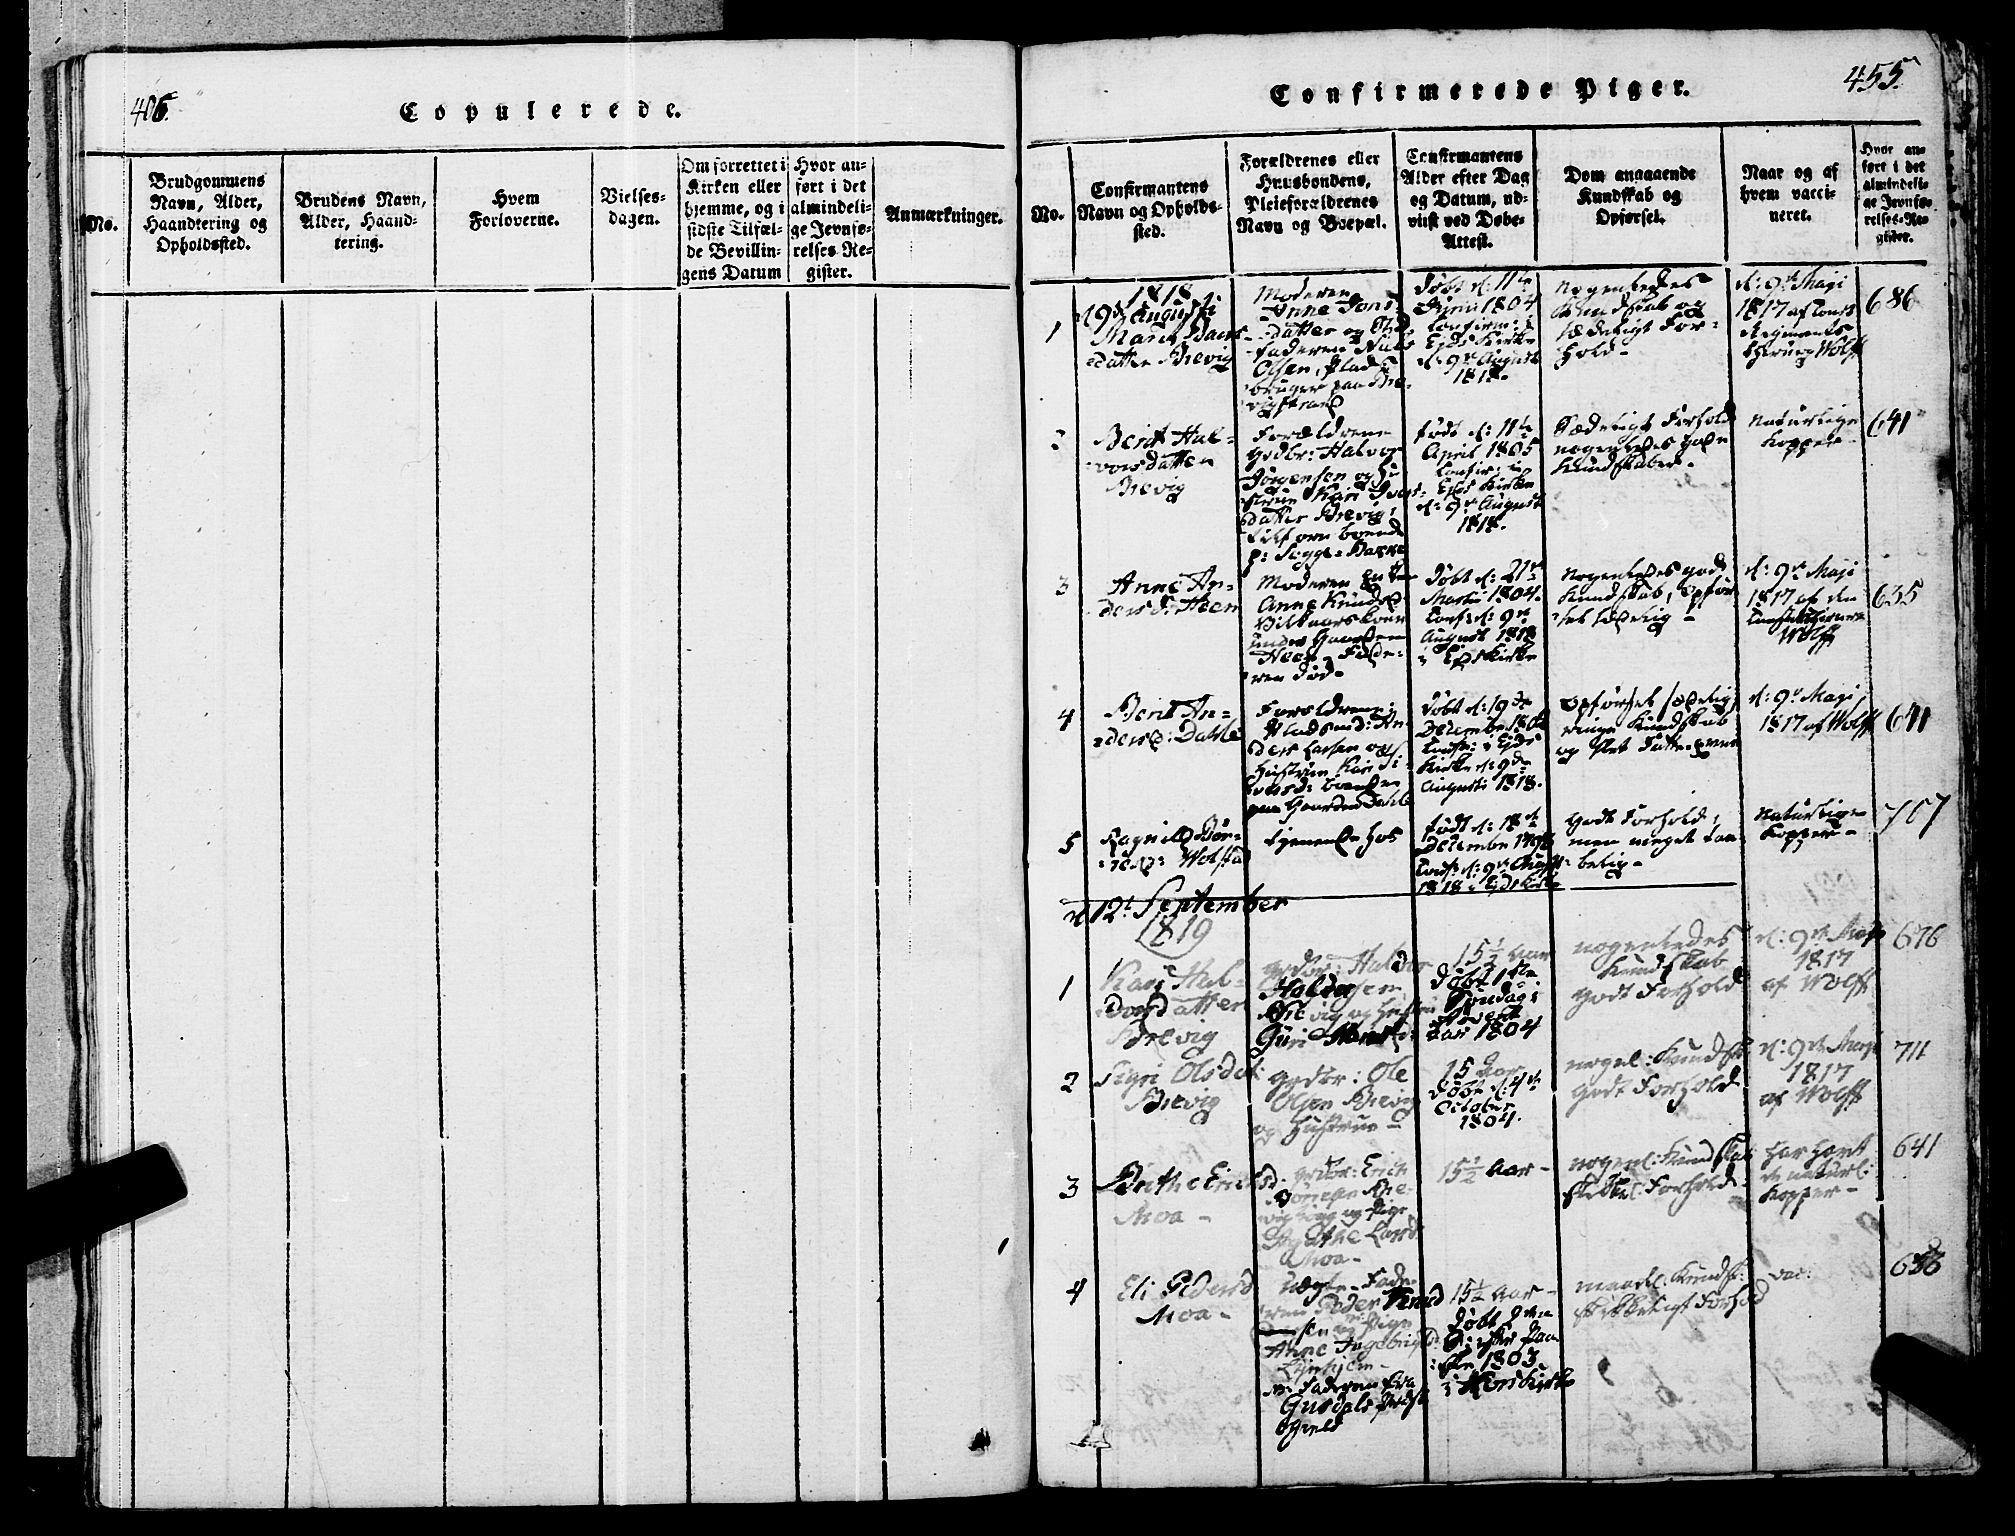 SAT, Ministerialprotokoller, klokkerbøker og fødselsregistre - Møre og Romsdal, 545/L0585: Ministerialbok nr. 545A01, 1818-1853, s. 454-455